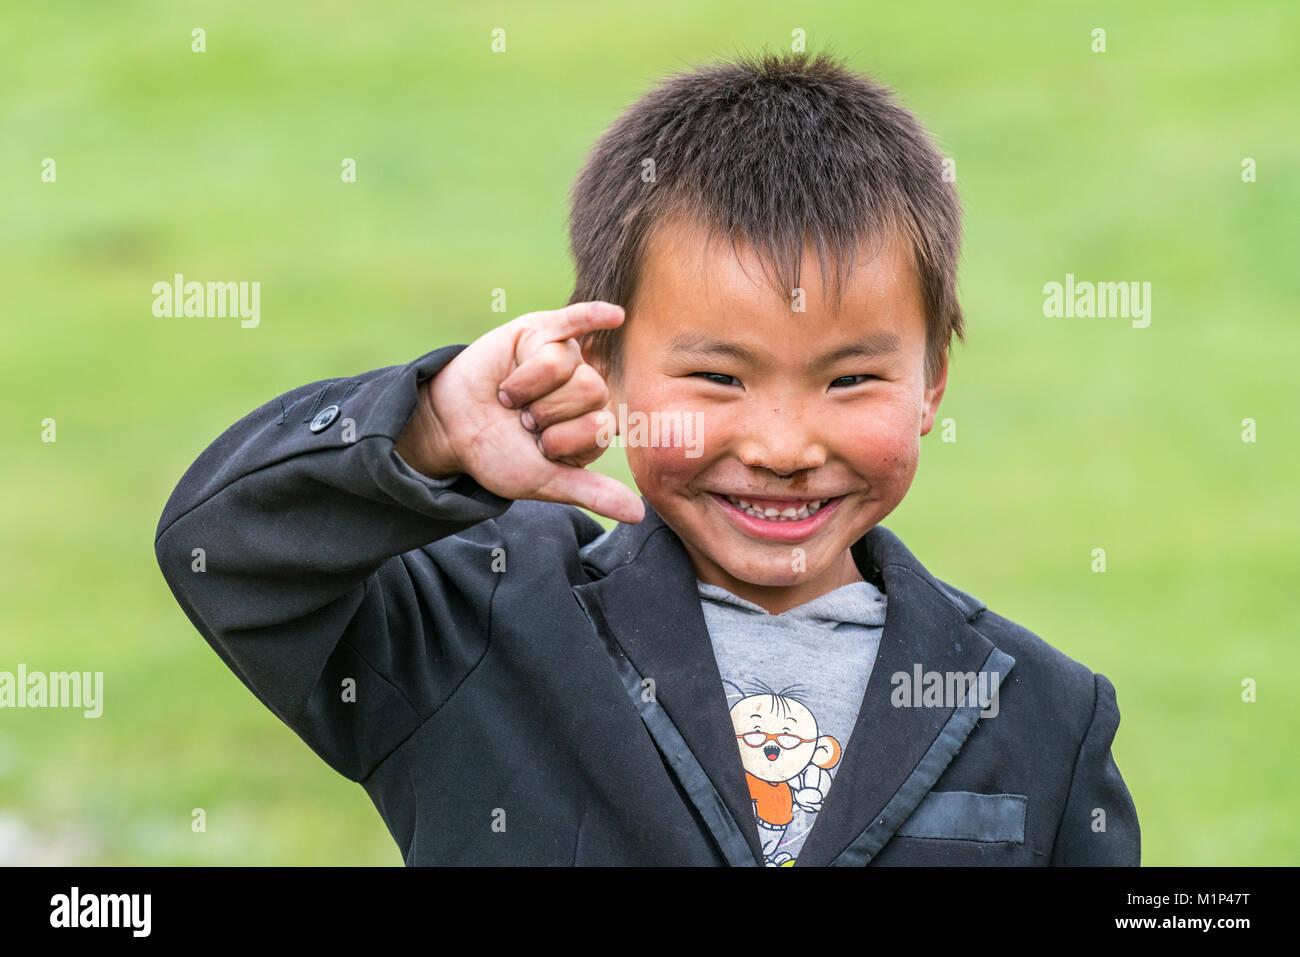 Portrait d'un nomade mongol petit garçon, au nord, la Mongolie, province Hangay Asie centrale, Asie Photo Stock